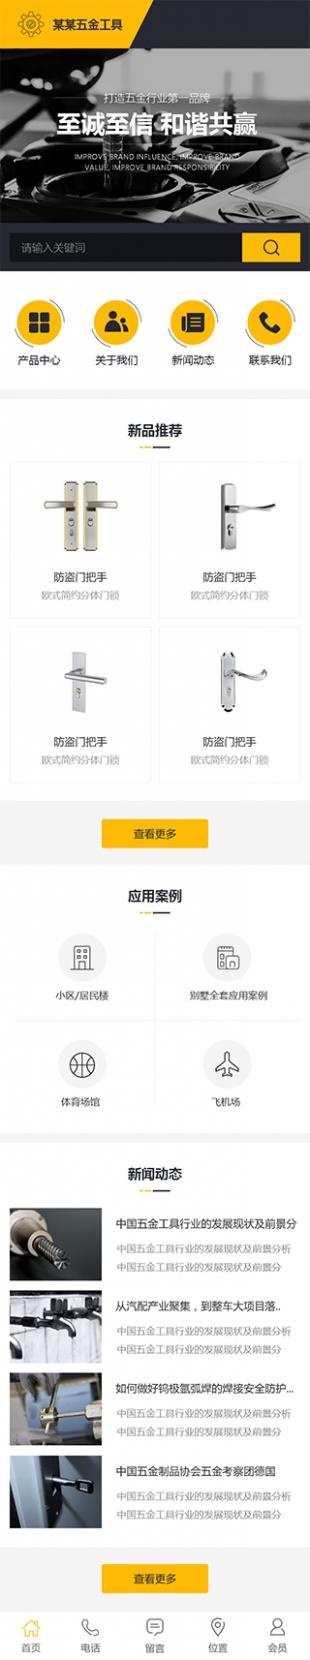 五金工具类网站通用模板手机图片